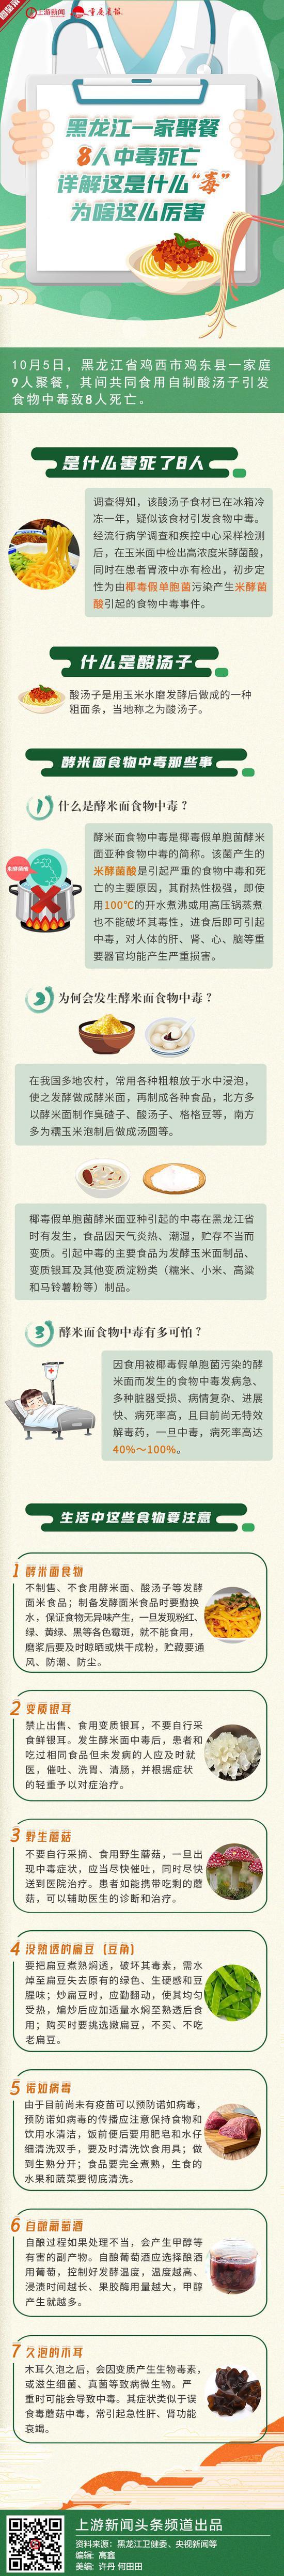 """黑龙江一家聚餐8人中毒死亡 详解这是什么""""毒""""为啥这么厉害图片"""